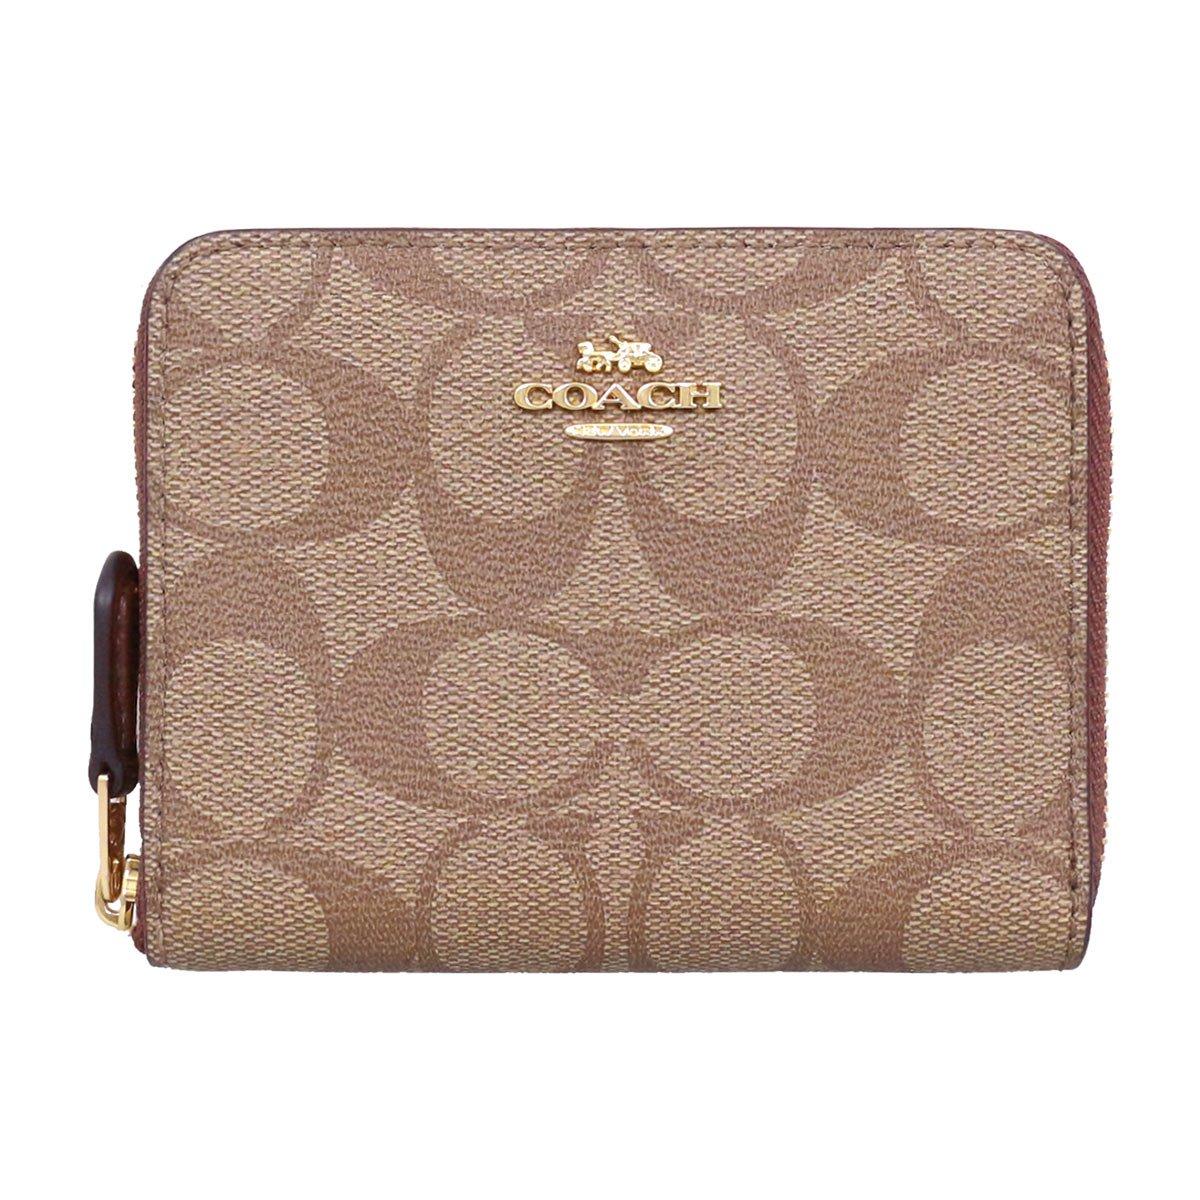 [コーチ] COACH 財布 (二つ折り財布) F30308 カーキ×サドル2 IME74 シグネチャー 二つ折り財布 レディース [アウトレット品] [ブランド] [並行輸入品] B07DJ7DGMD